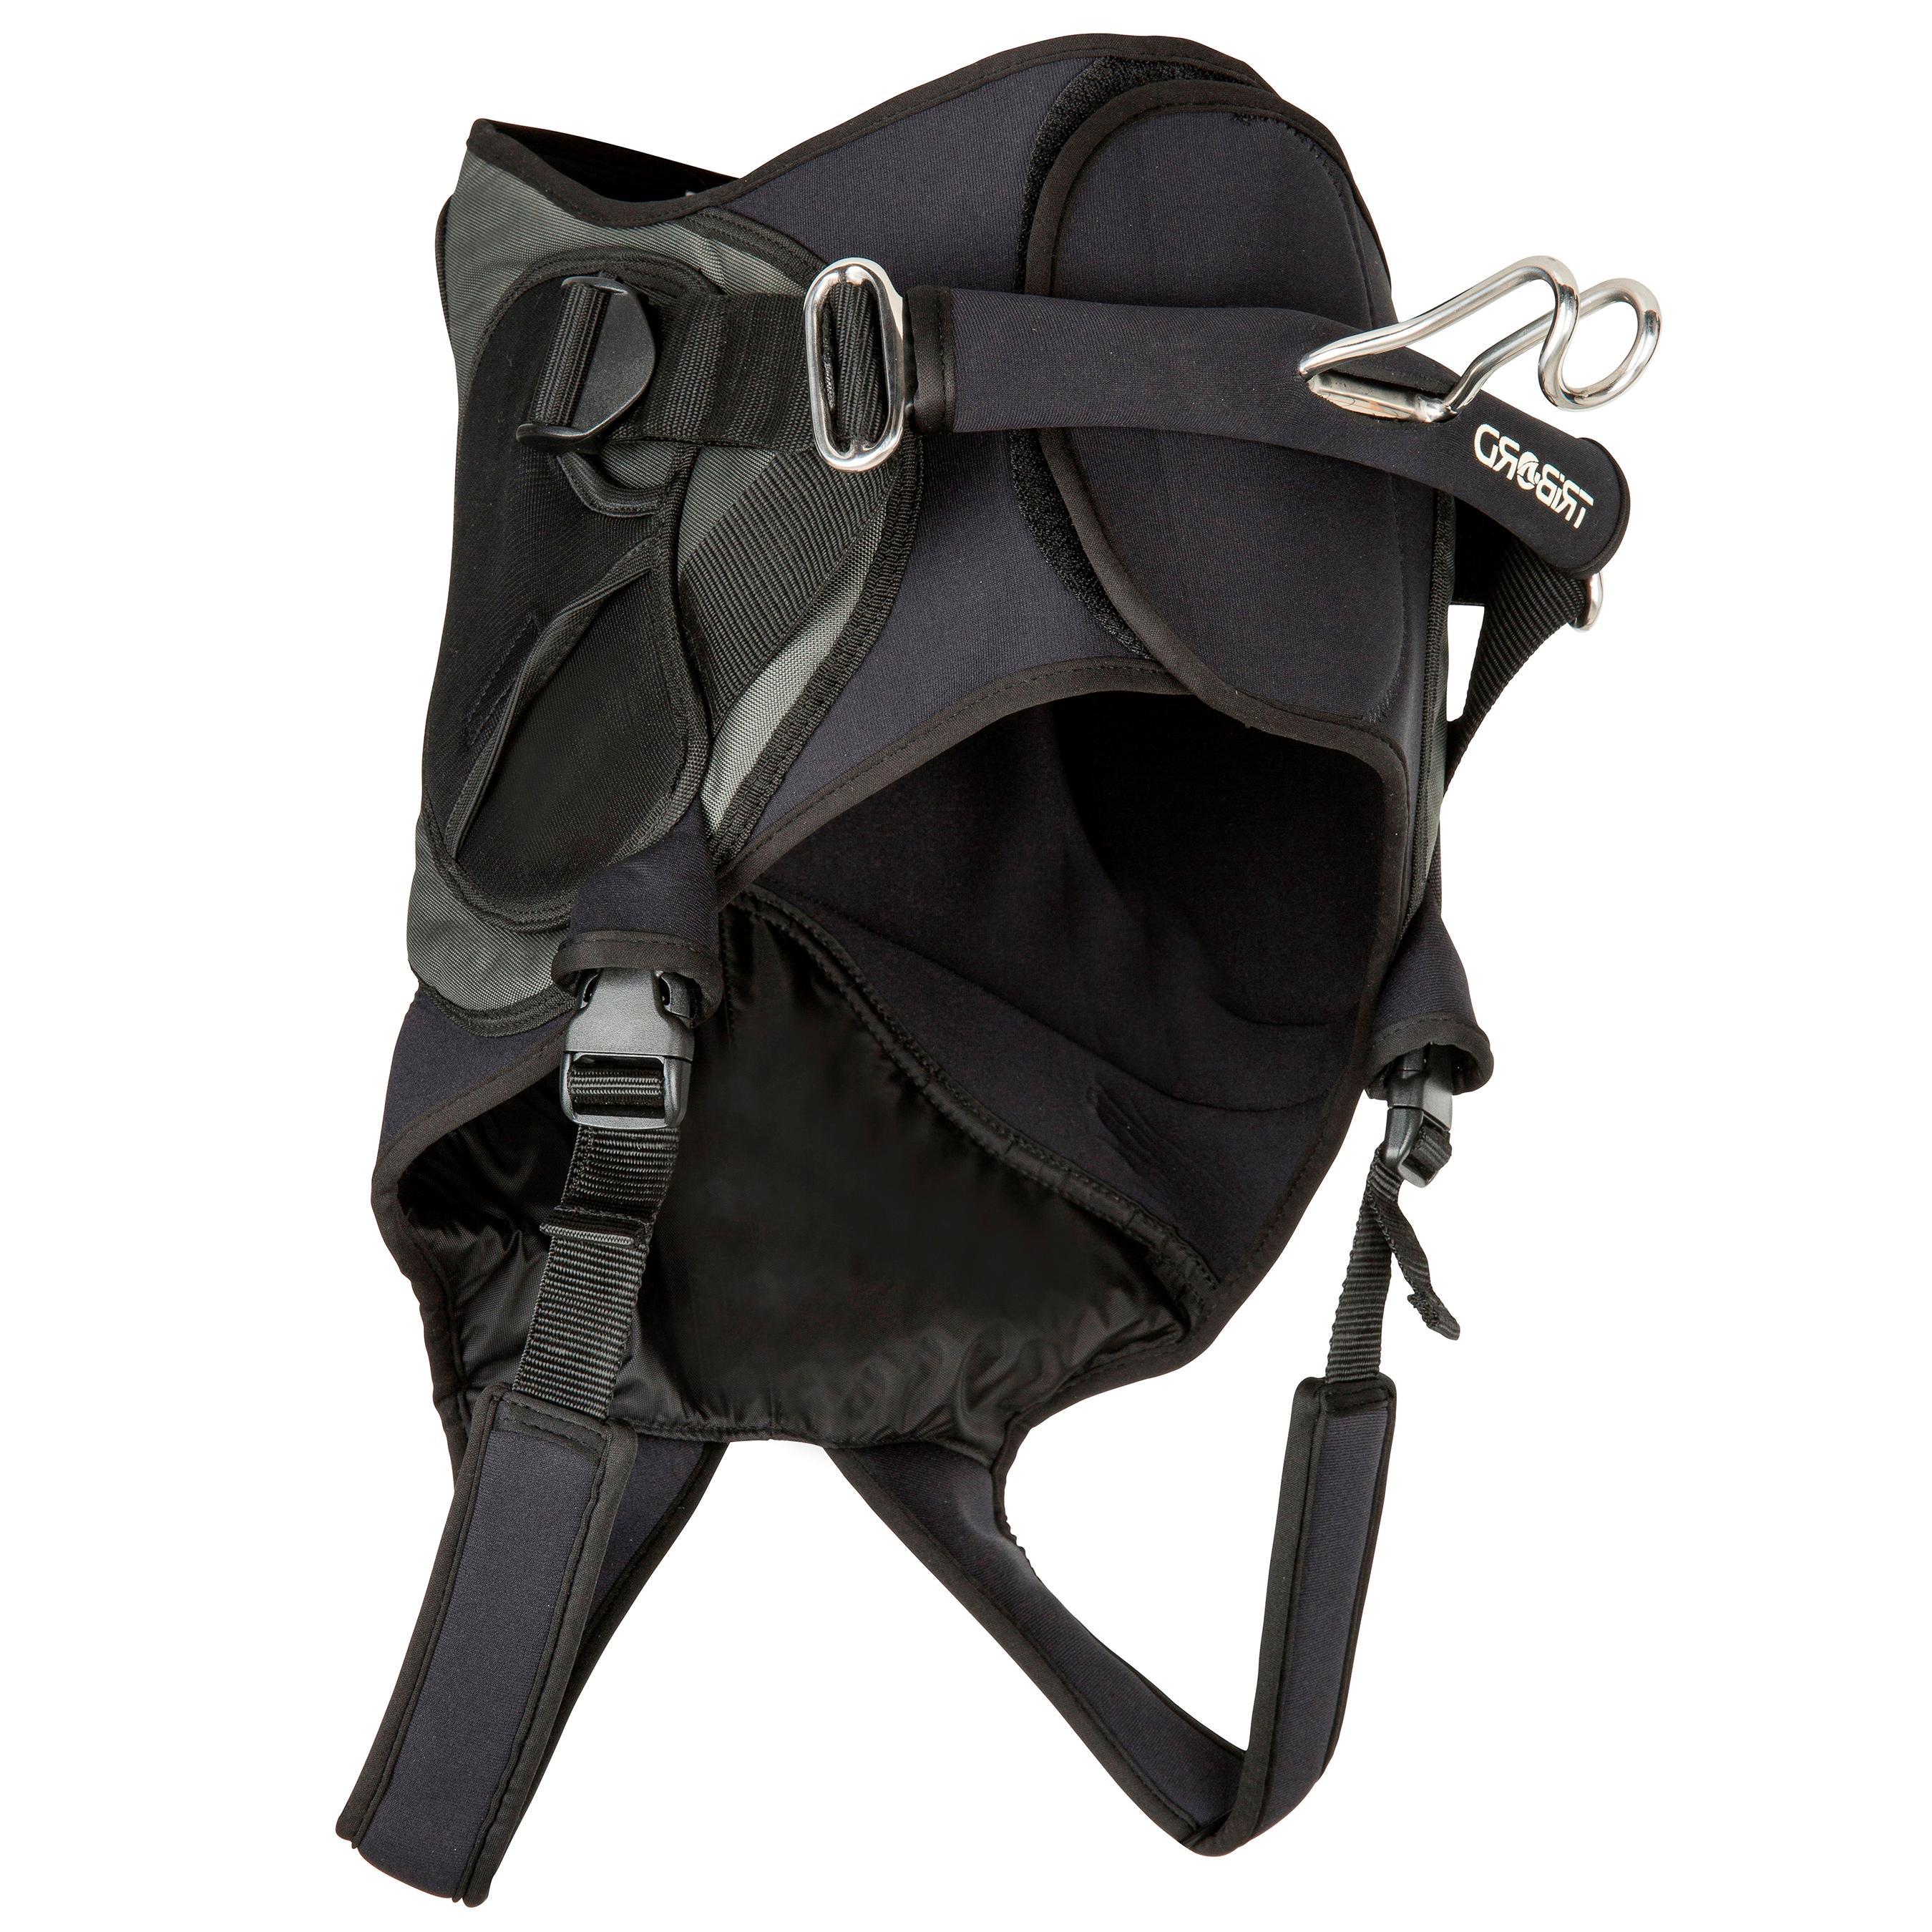 Tribord Zittrapeze voor windsurfen zwart